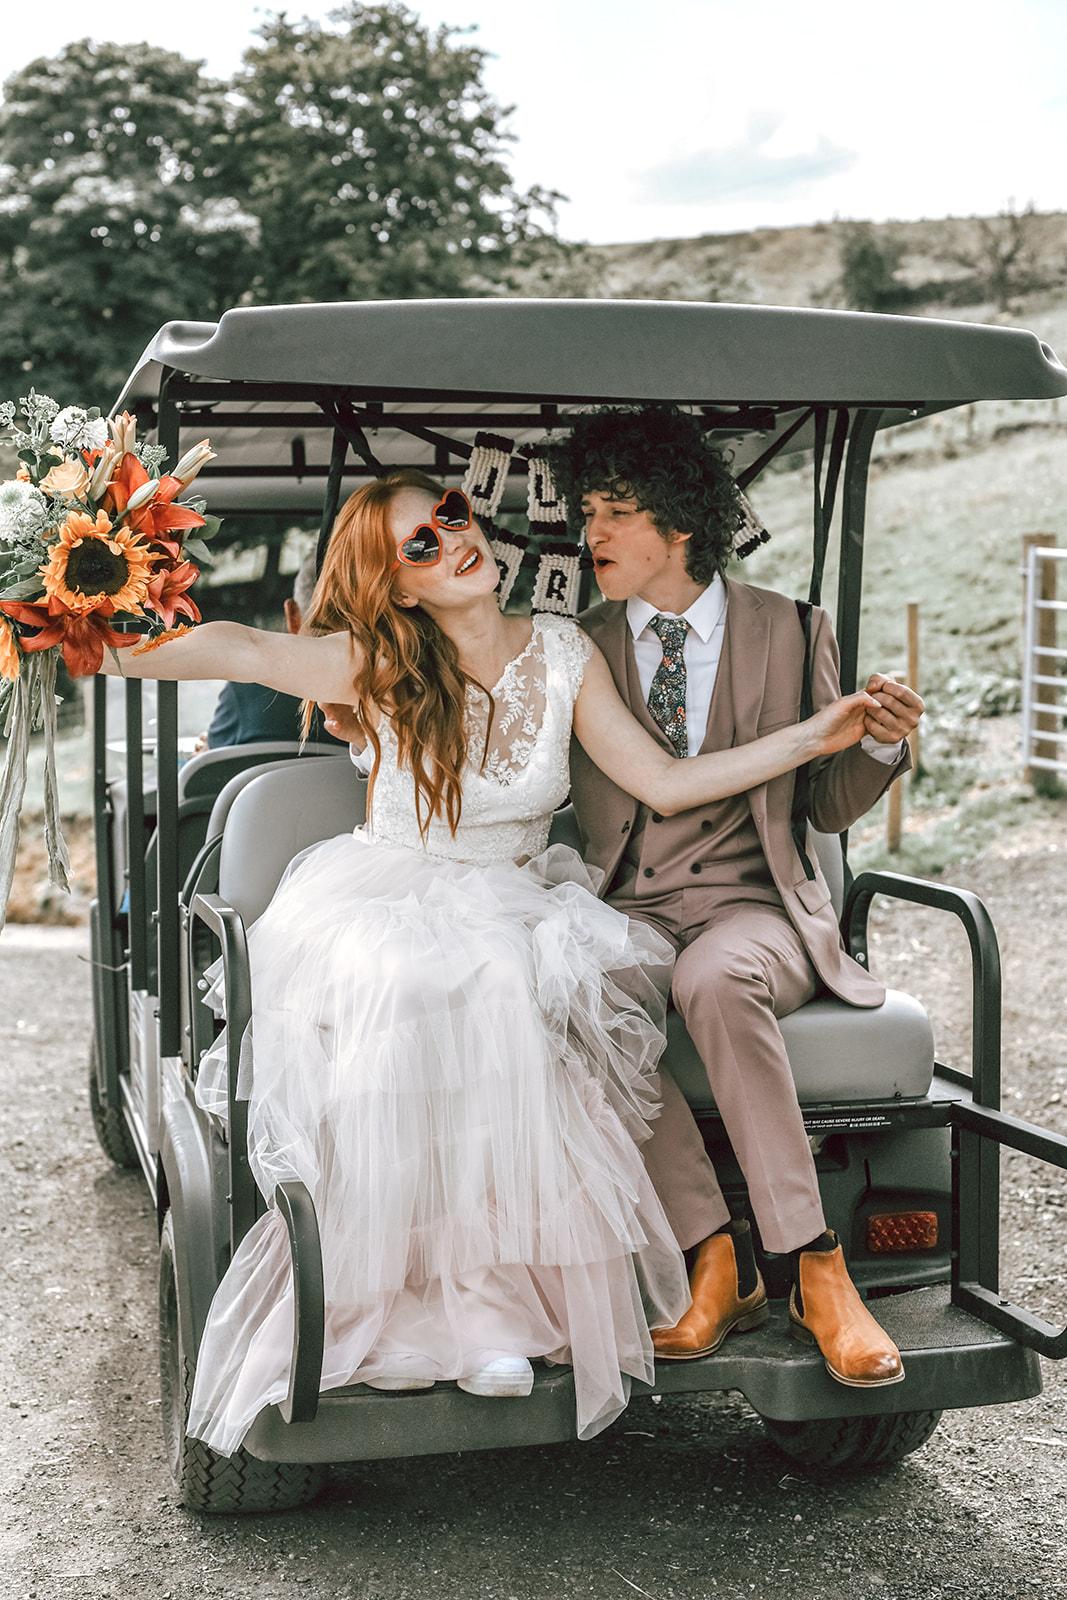 rustic festival wedding - bride and groom in golf buggy - fun boho wedding